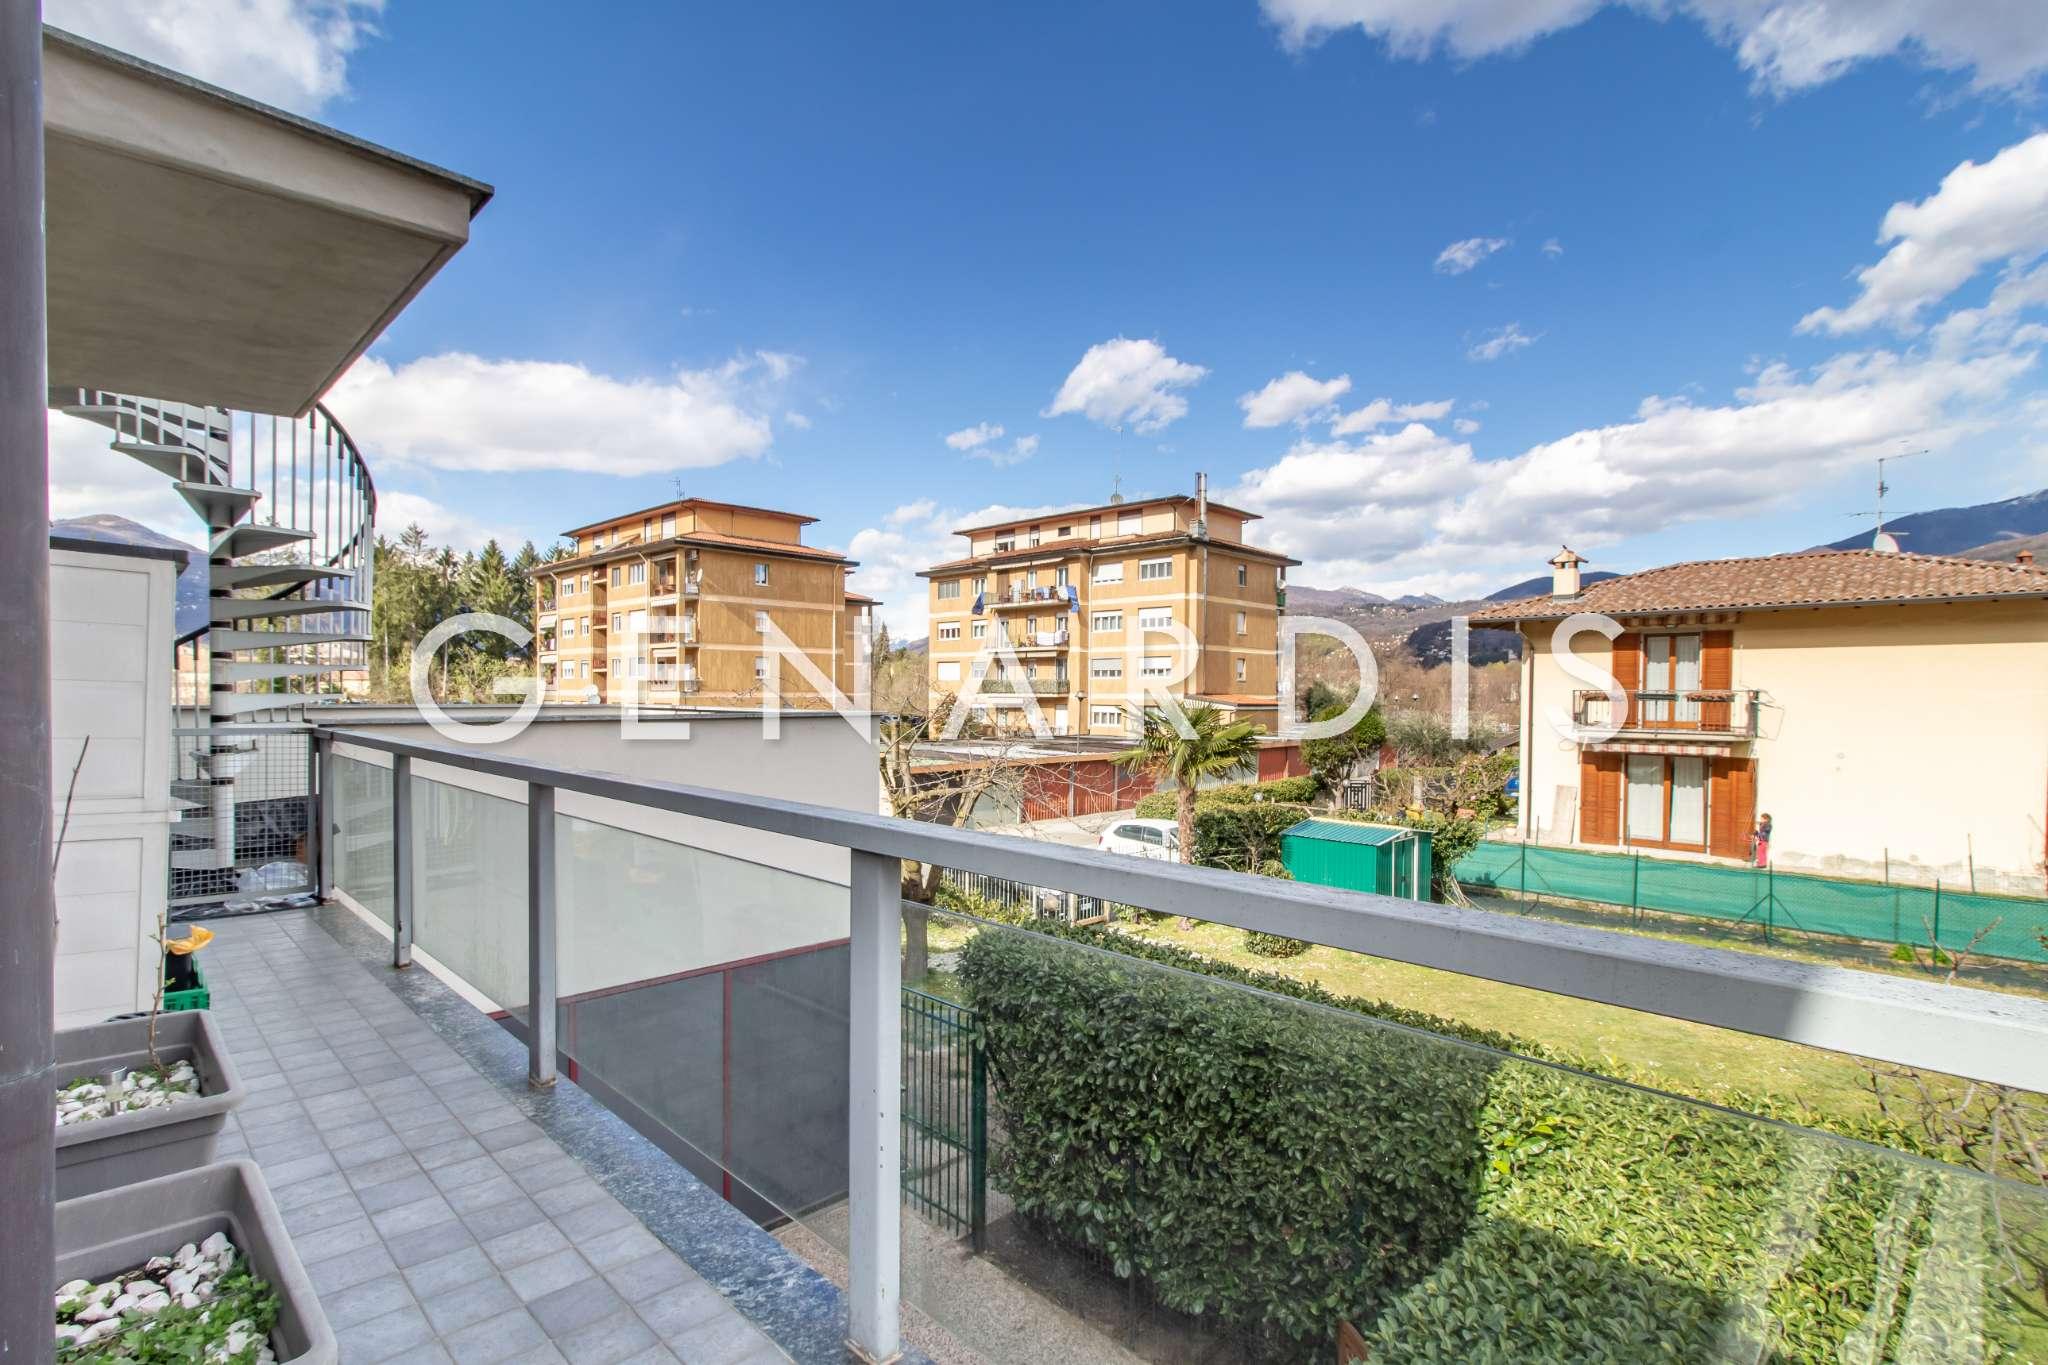 Appartamento in vendita a Luino, 3 locali, prezzo € 240.000 | PortaleAgenzieImmobiliari.it